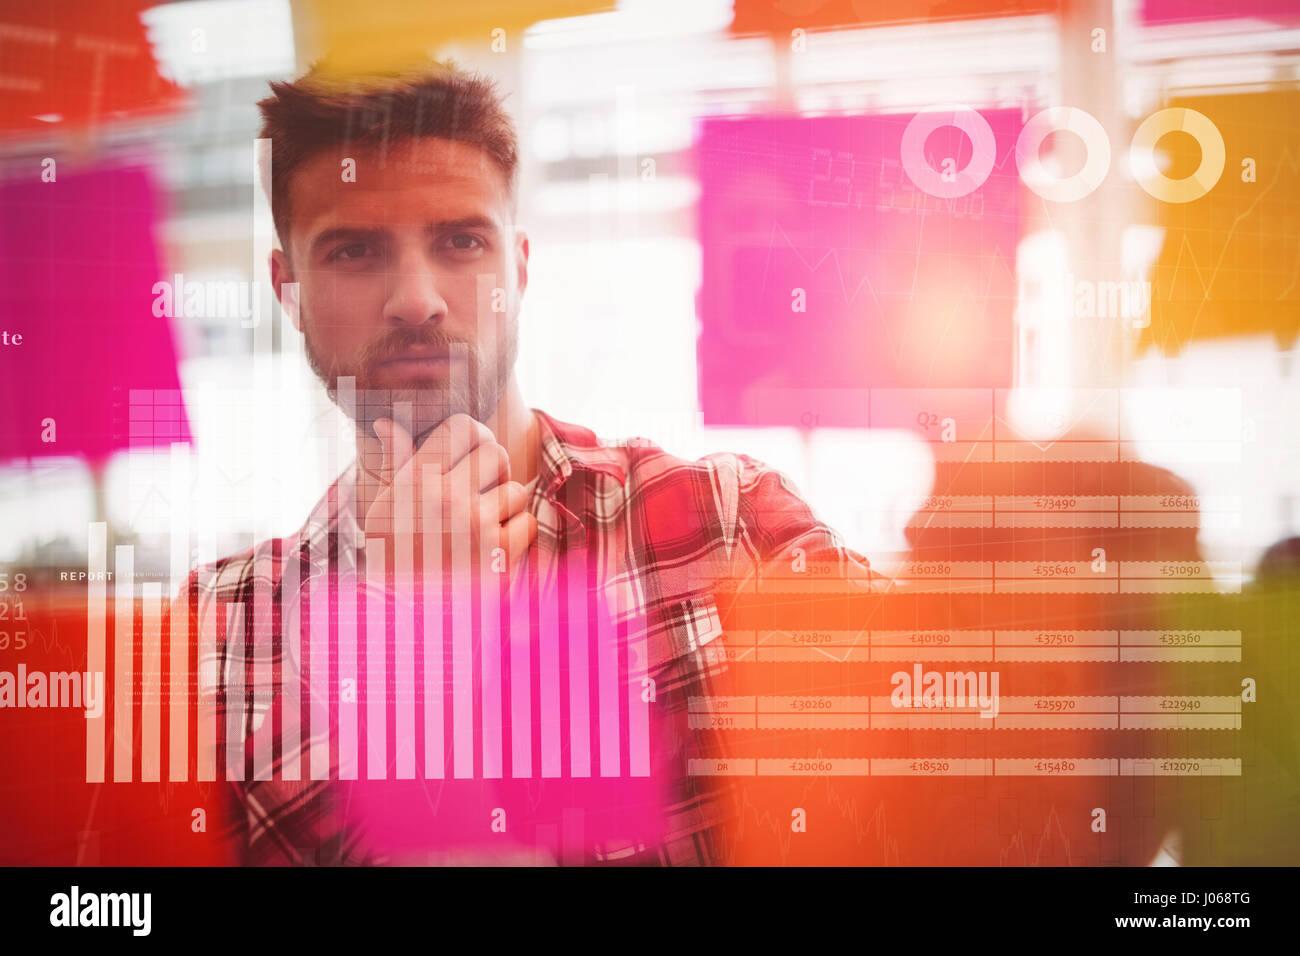 Datos azul contra graves photo editor mirando multicolor Sticky notes Foto de stock